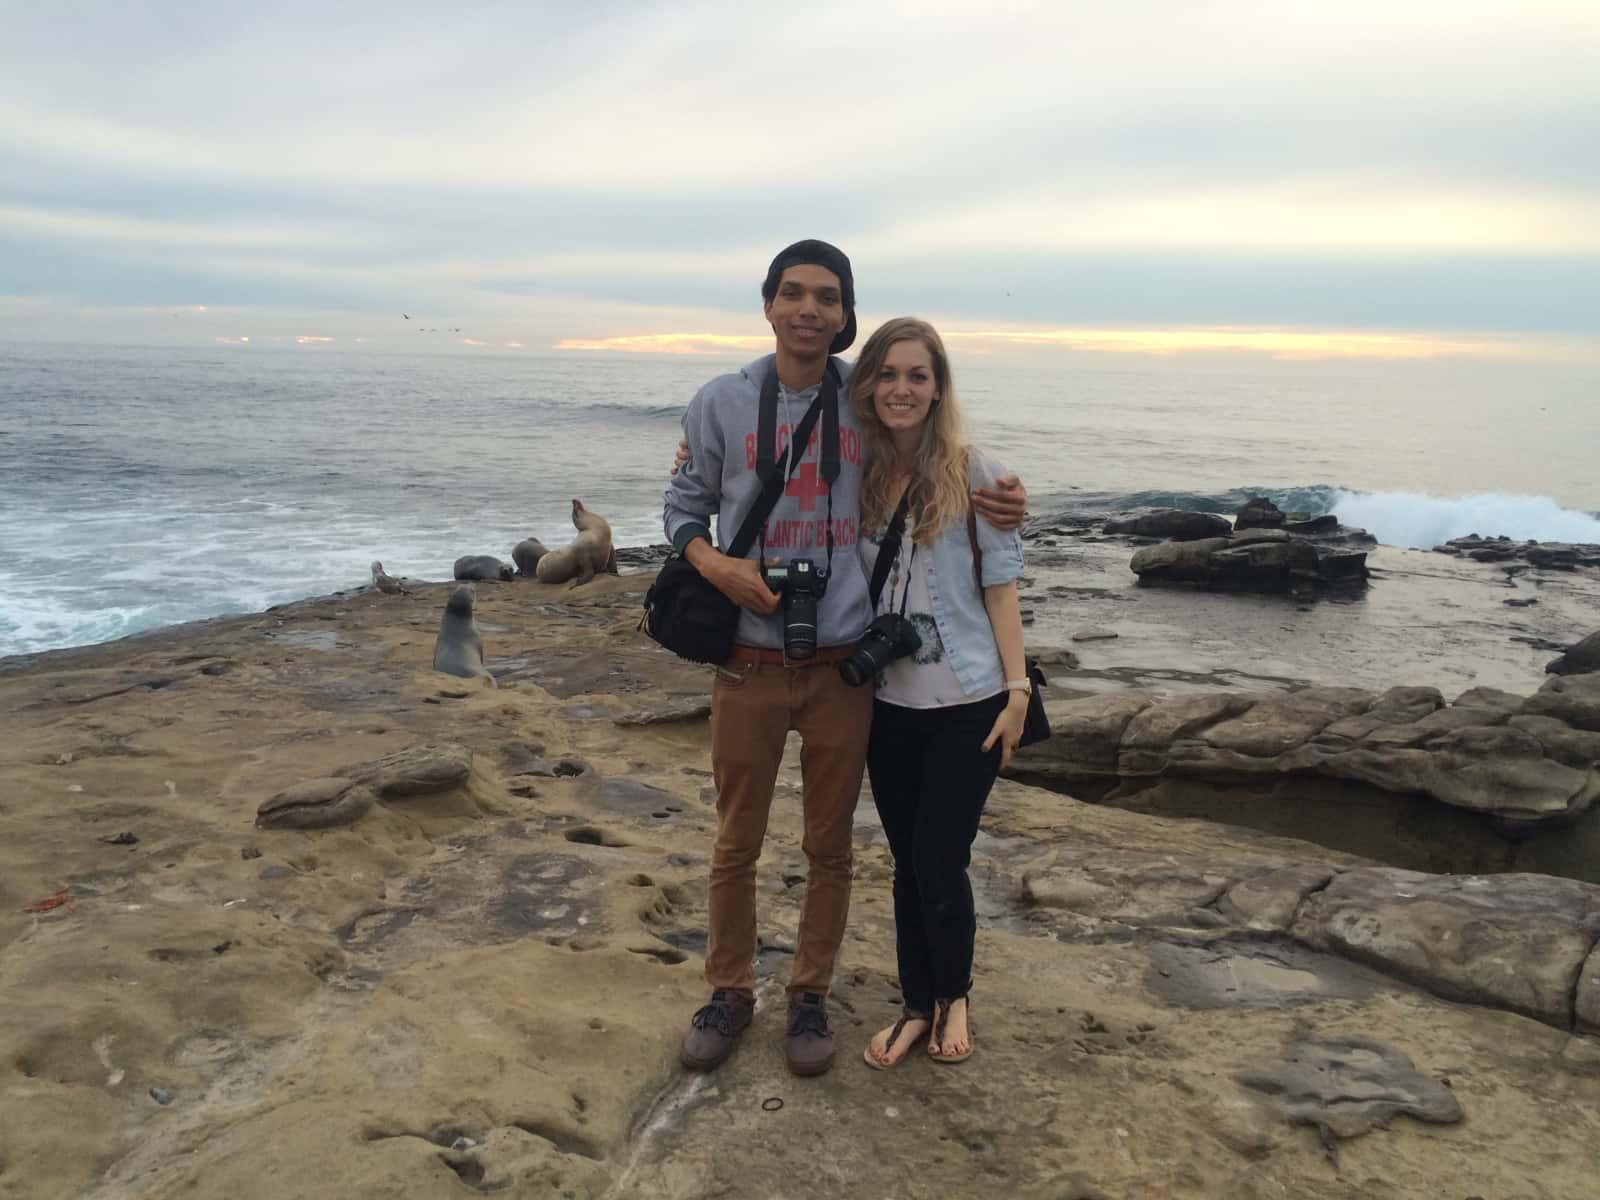 Omar & Elise from Fayetteville, North Carolina, United States